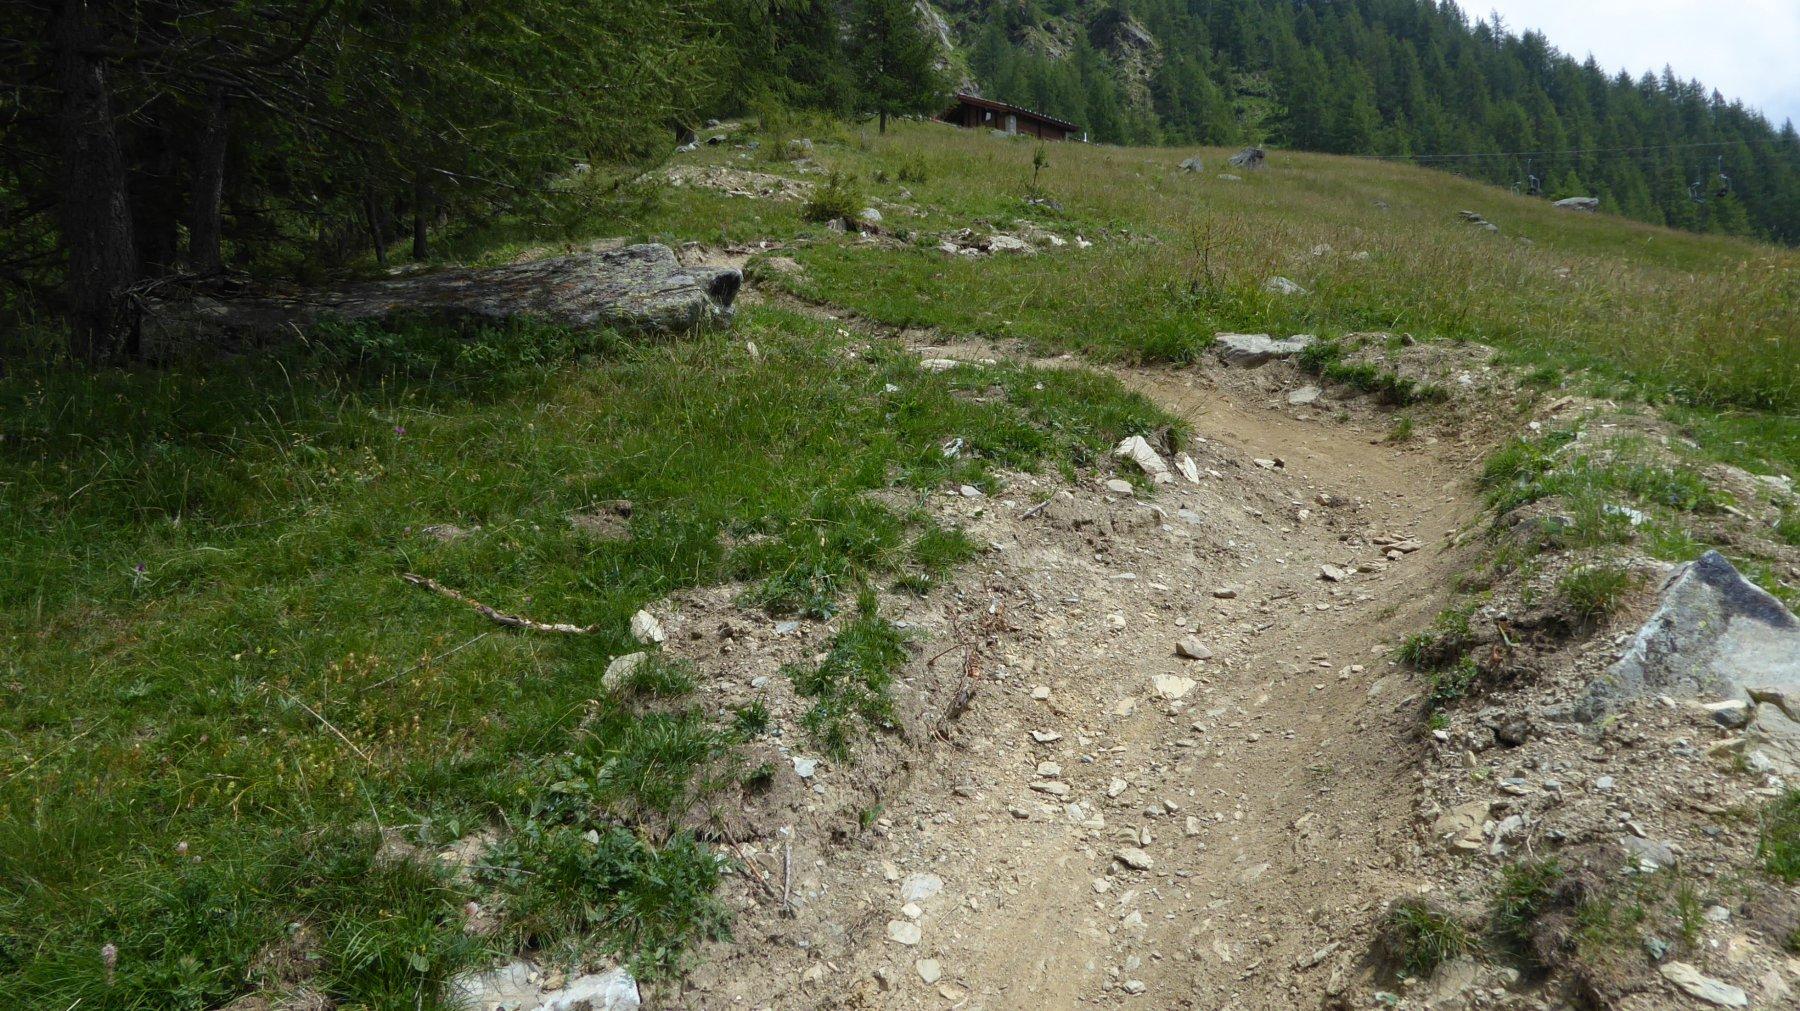 Fra i due alpeggi Ciavanassa, il sentiero è diventato così!